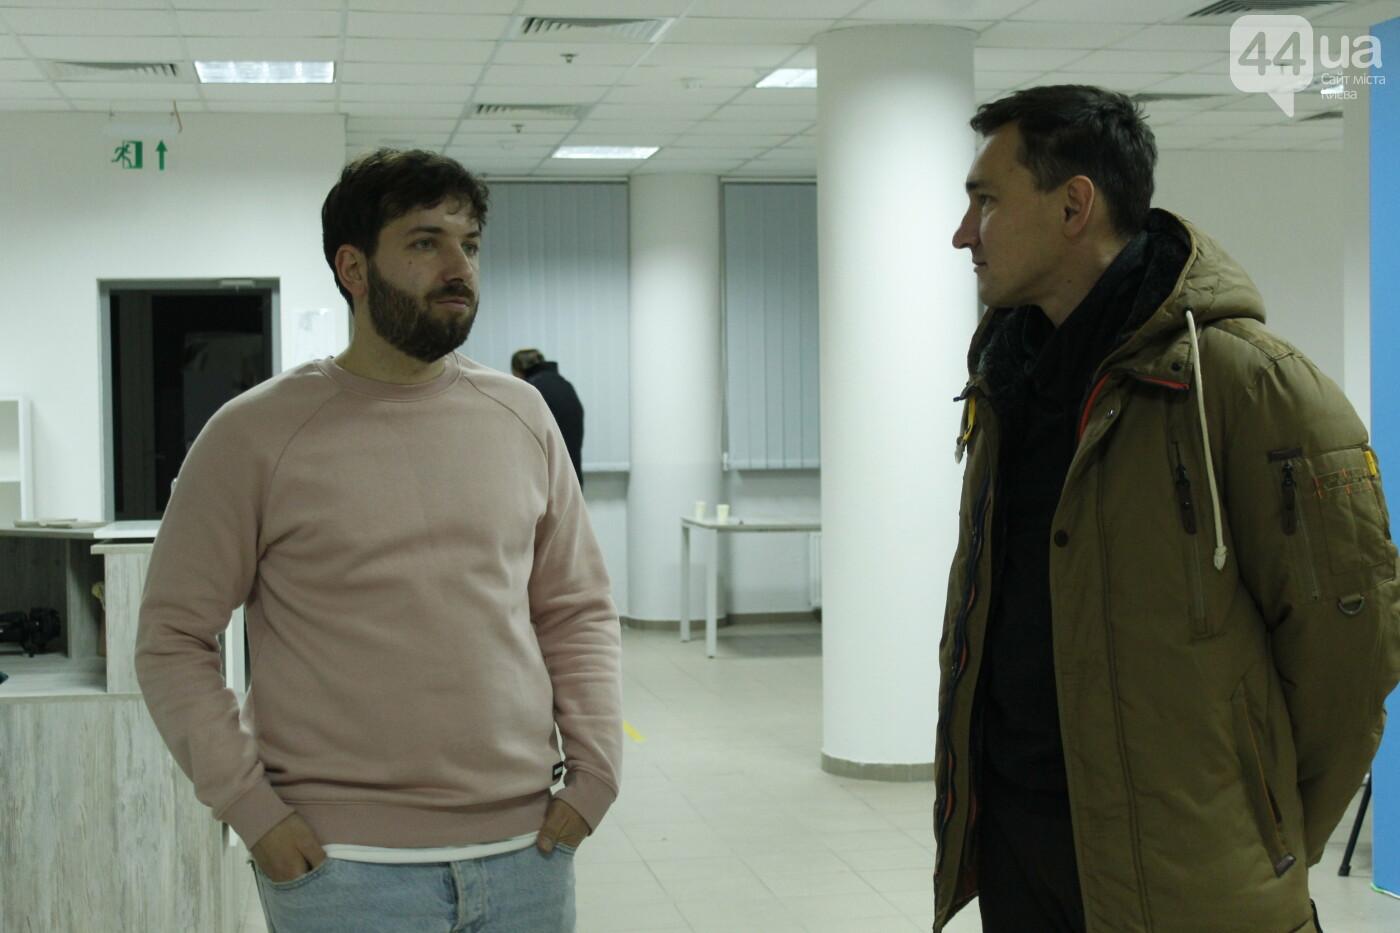 """Богдан Свиридов, выставка """"Загублені в часі"""", 44.ua"""